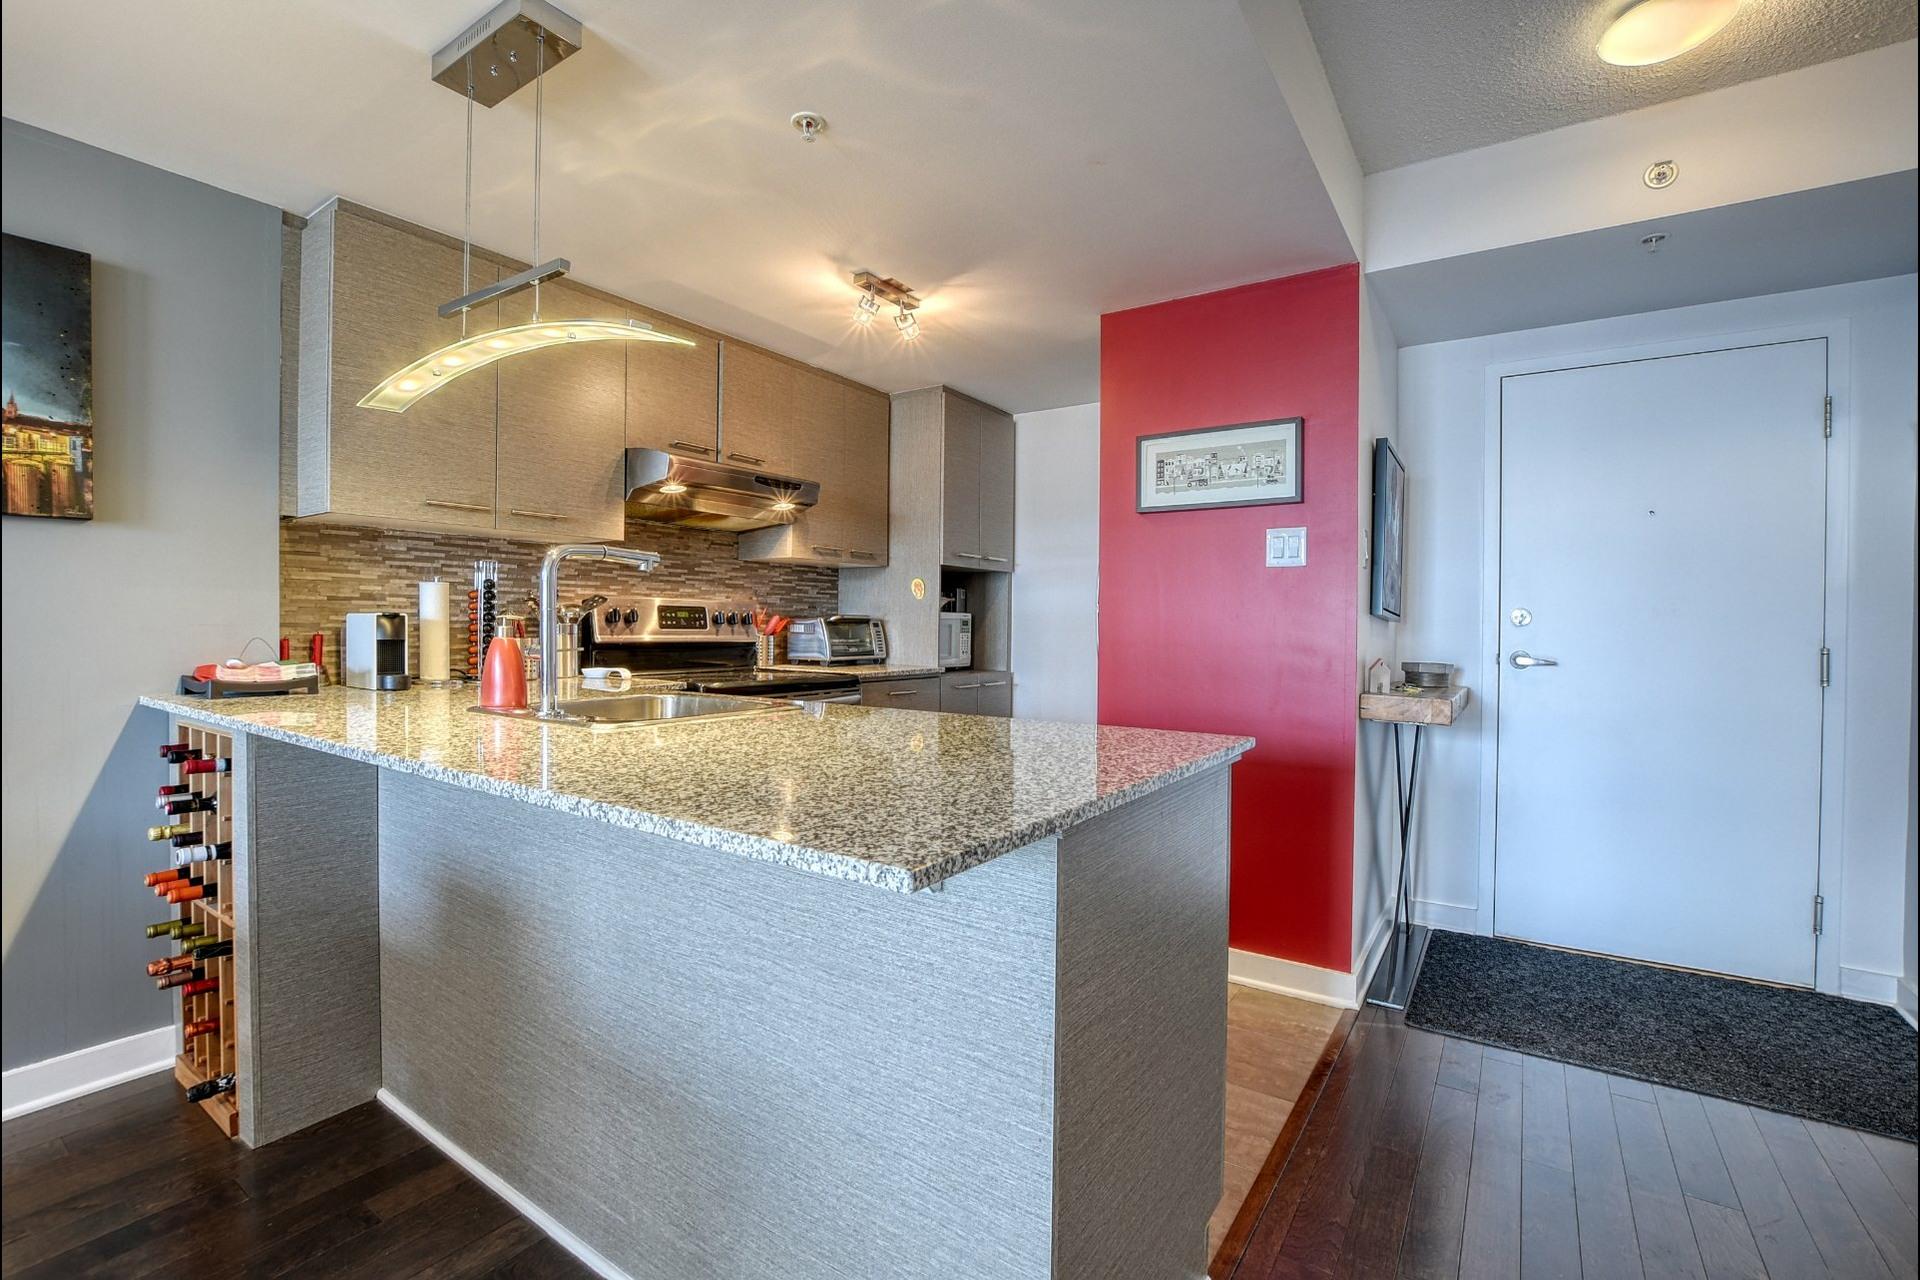 image 4 - Appartement À vendre Ahuntsic-Cartierville Montréal  - 4 pièces